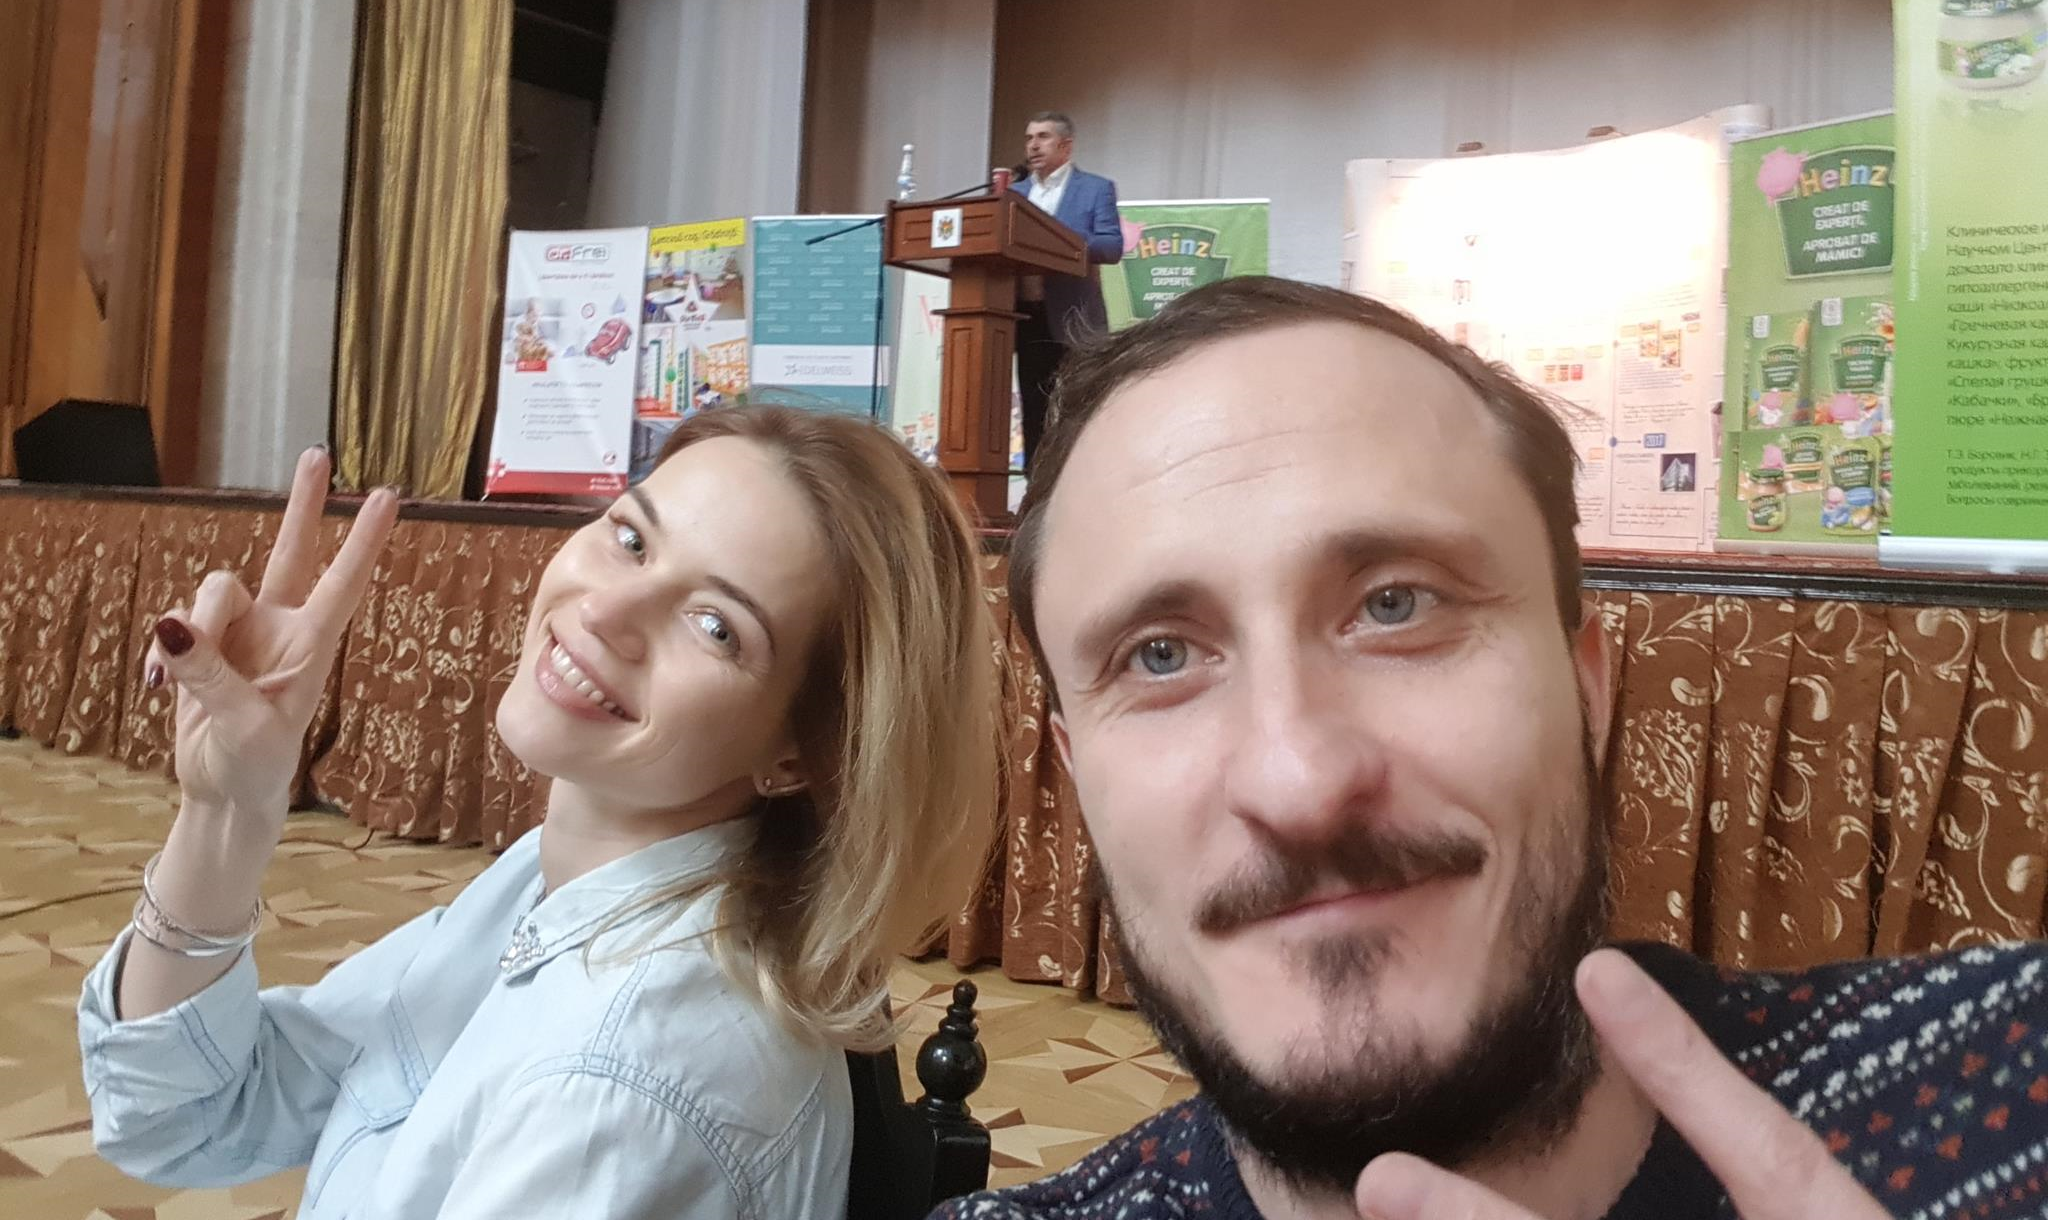 Într-un final, medicul Mihai Stratulat a fost înregistrat în cursa electorală pentru alegerile parlamentare, deputat moldova, alegeri 2019, 24 februarie alegeri libere, pdm plahotniuc, partidul democrat,